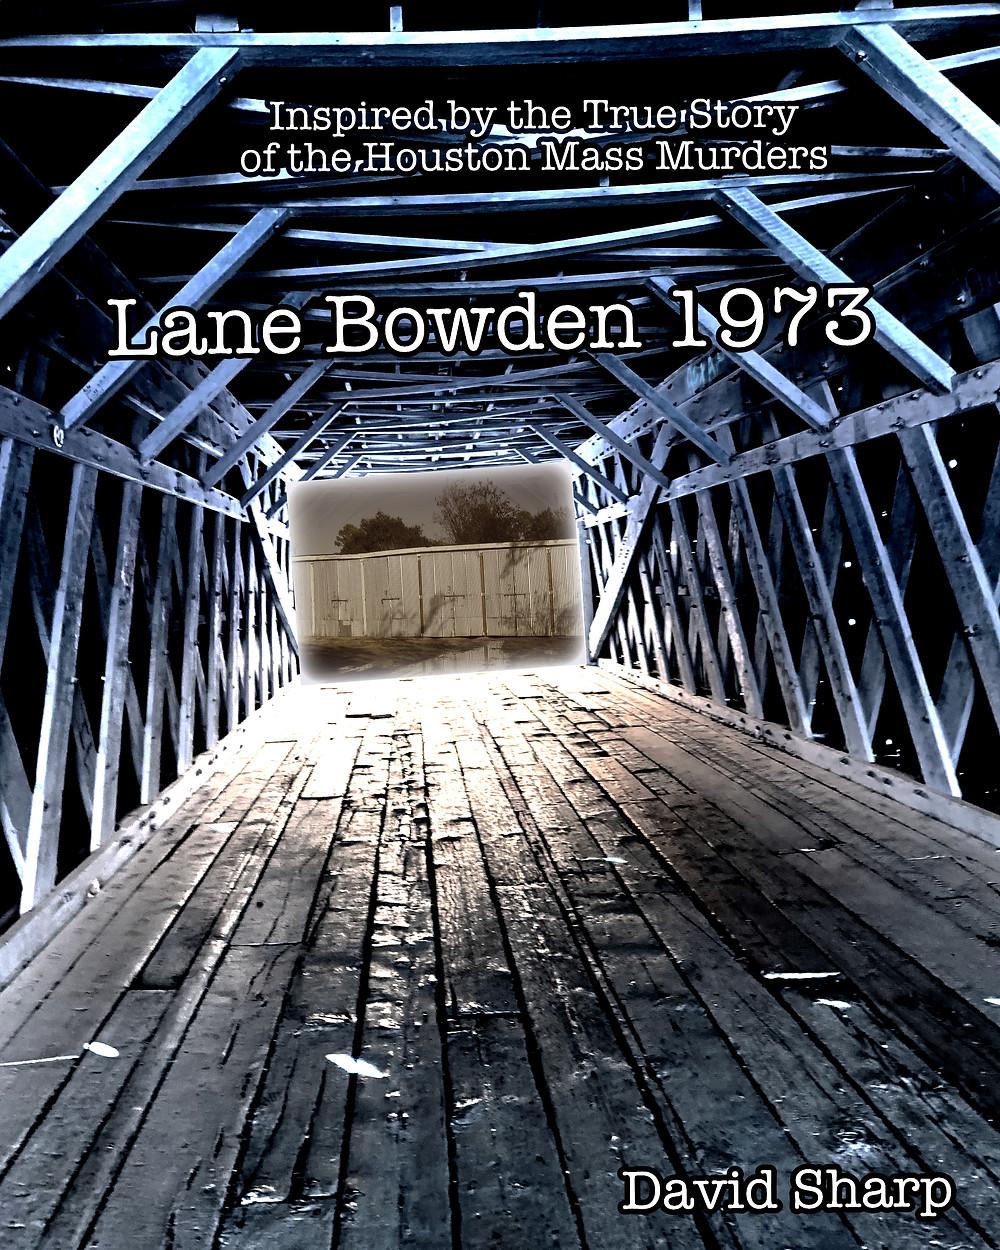 Lane Bowden 1973